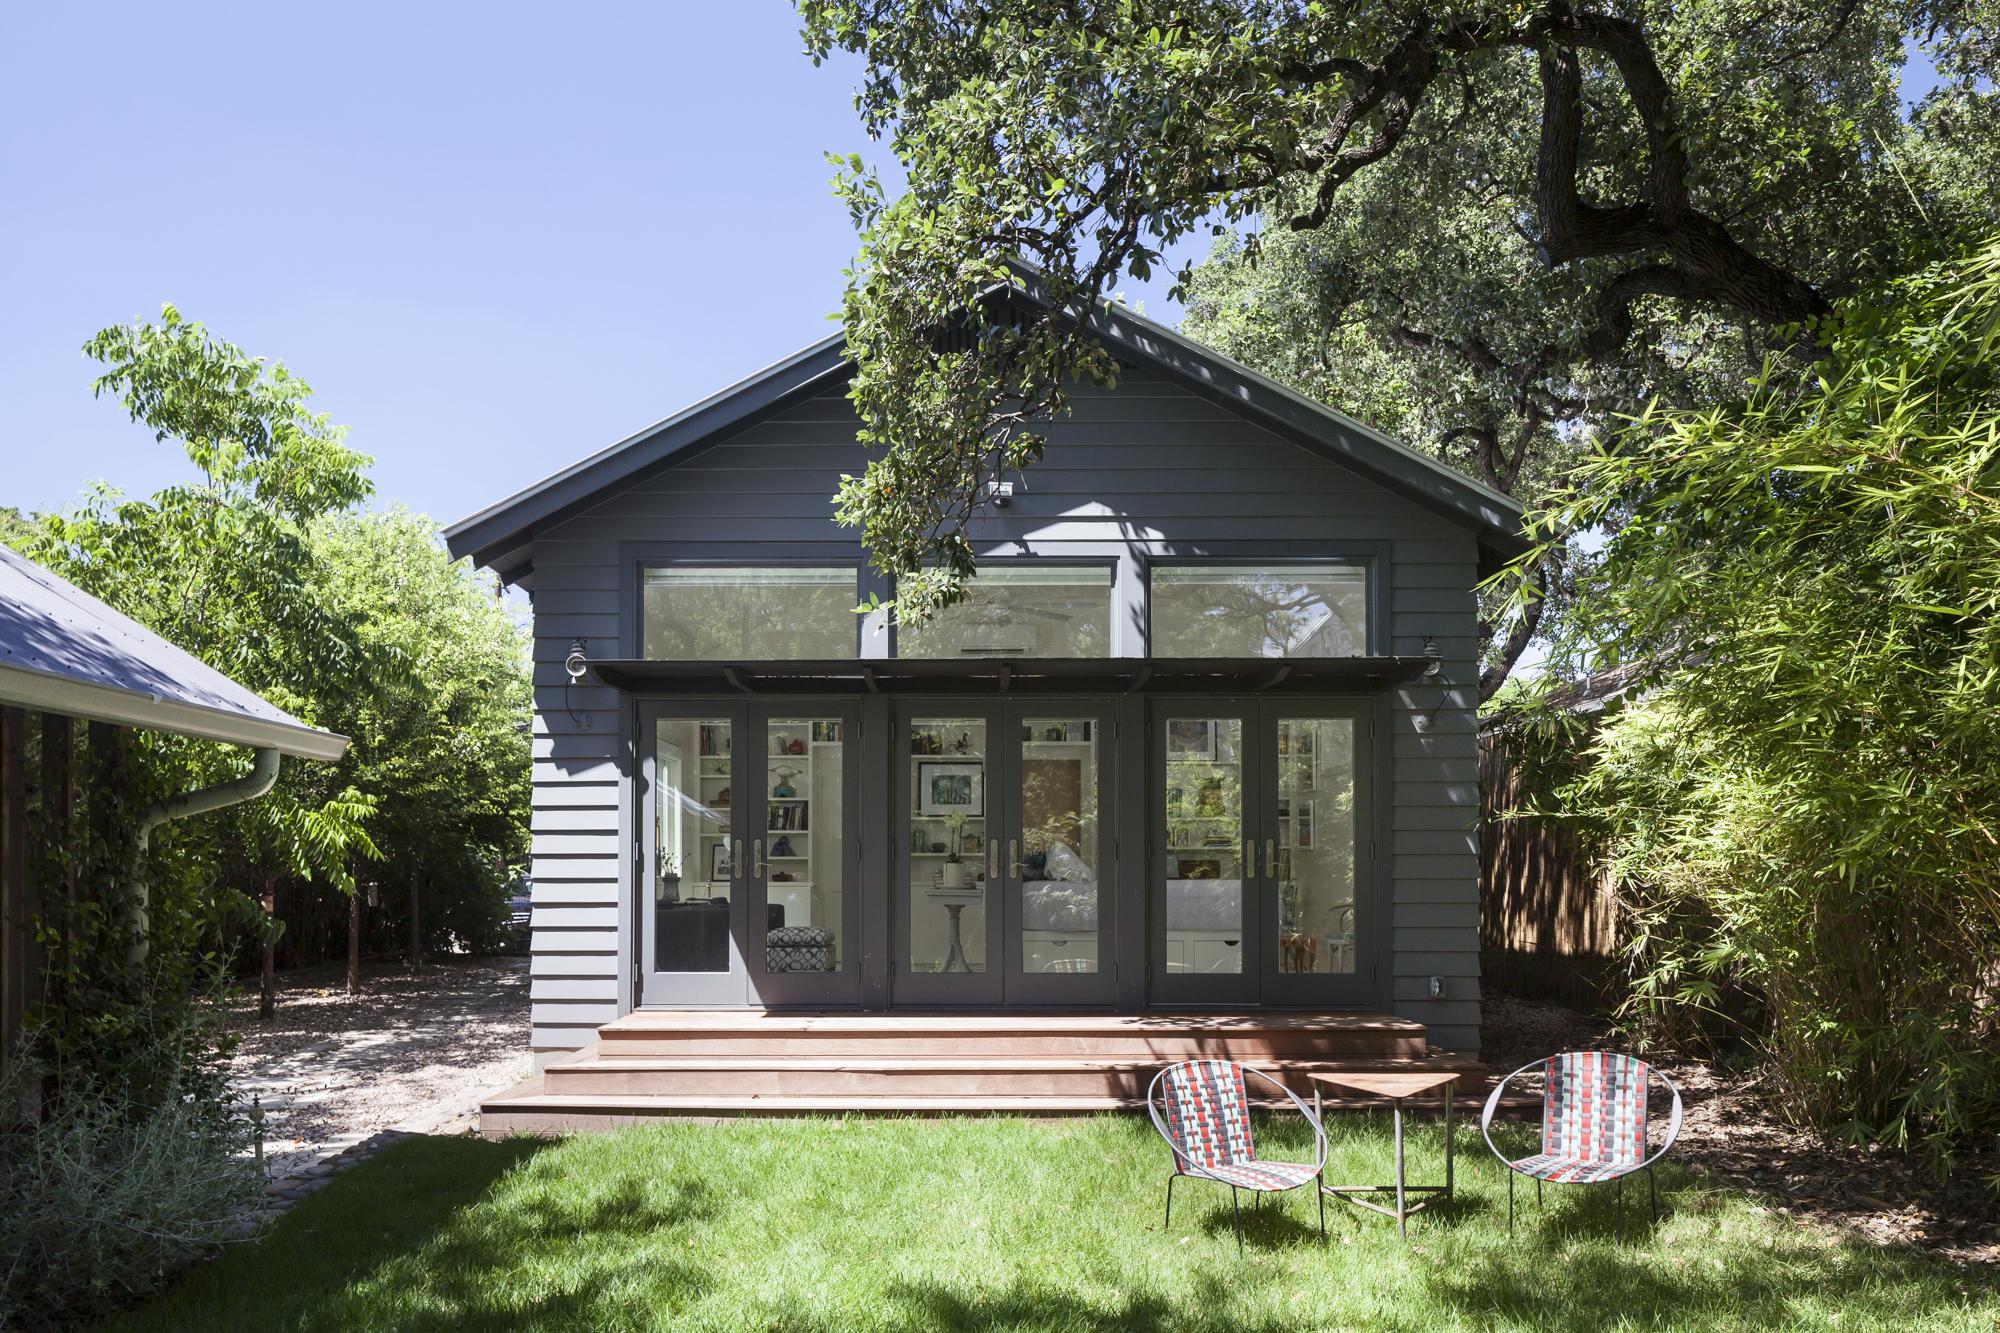 Elizabeth-Baird-Architecture-Annie Street-patio and backyard.jpg